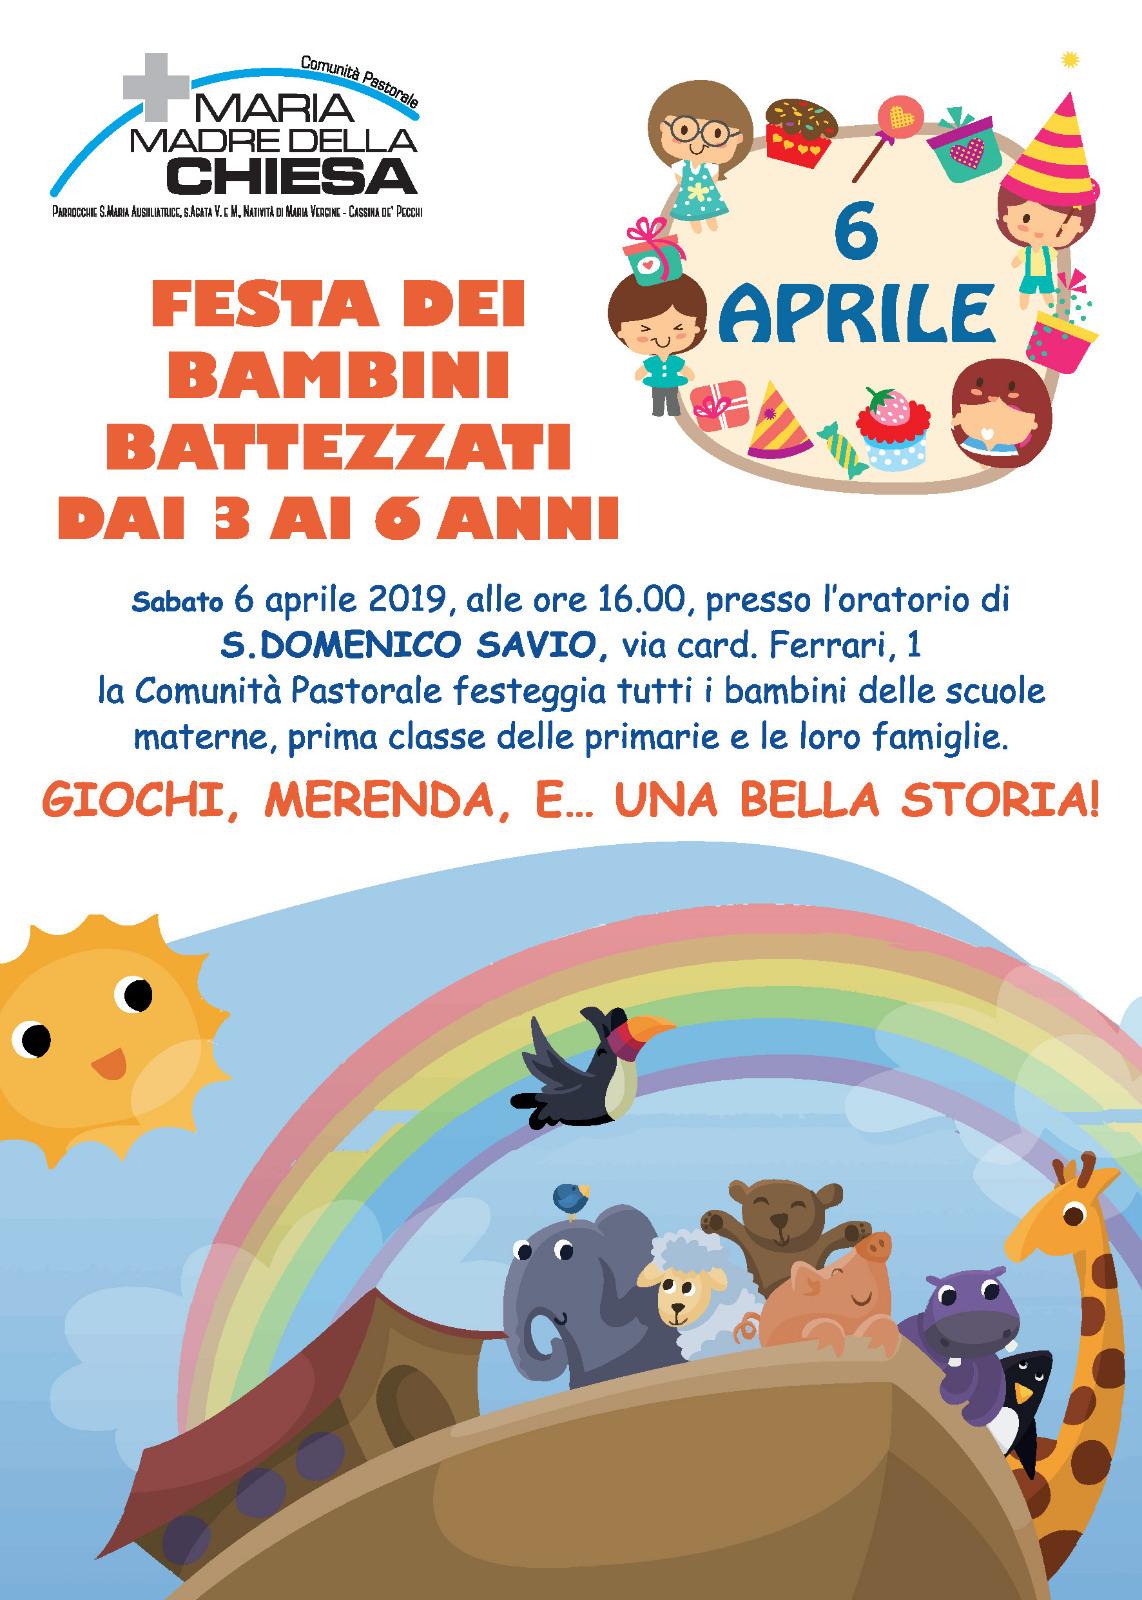 Calendario Liturgico Per Bambini.Festa Dei Bambini Battezzati Da 3 A 6 Anni Comunita Pastorale